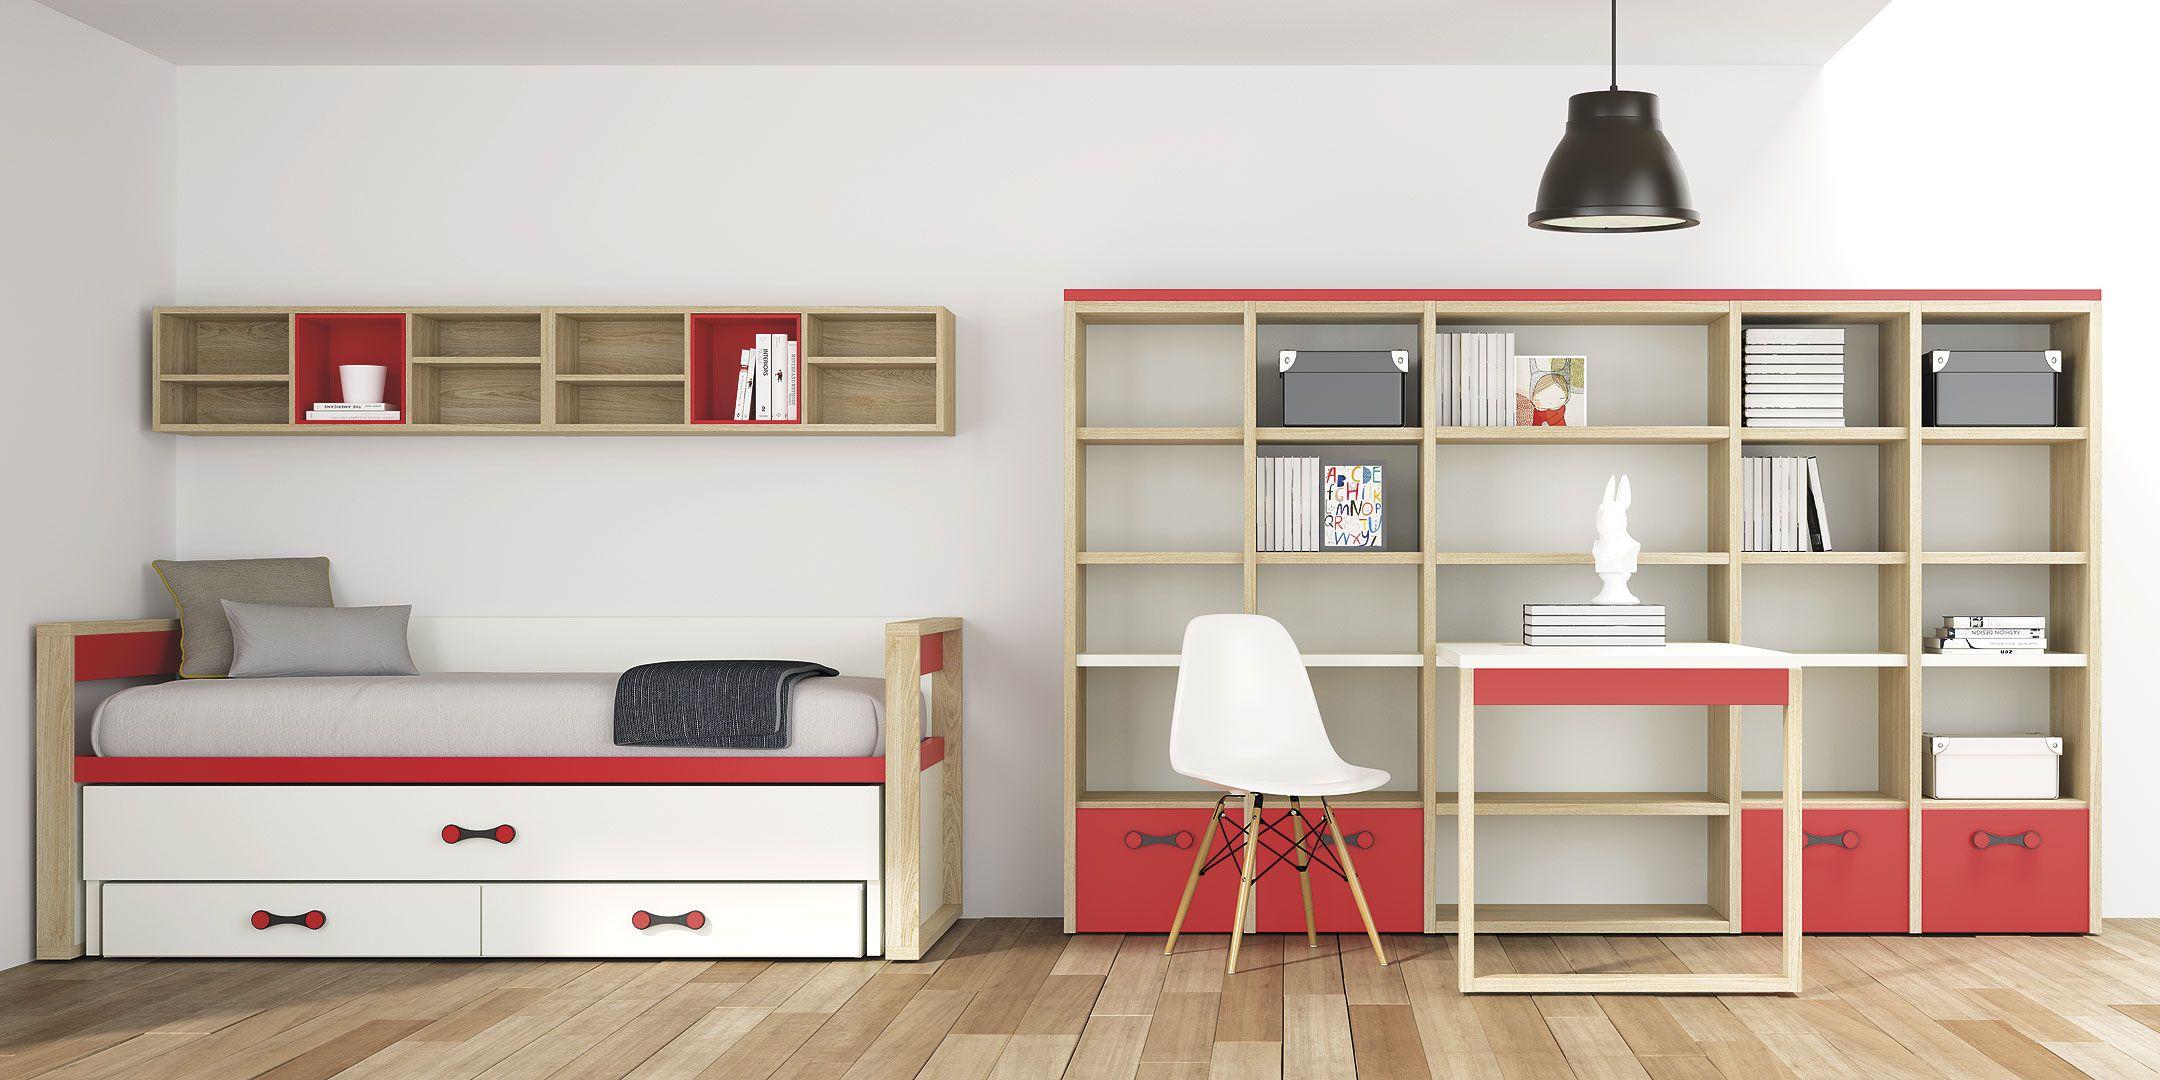 Life Box R2014-02. Cama nido con dos camas, estanterías y mesa escritorio.